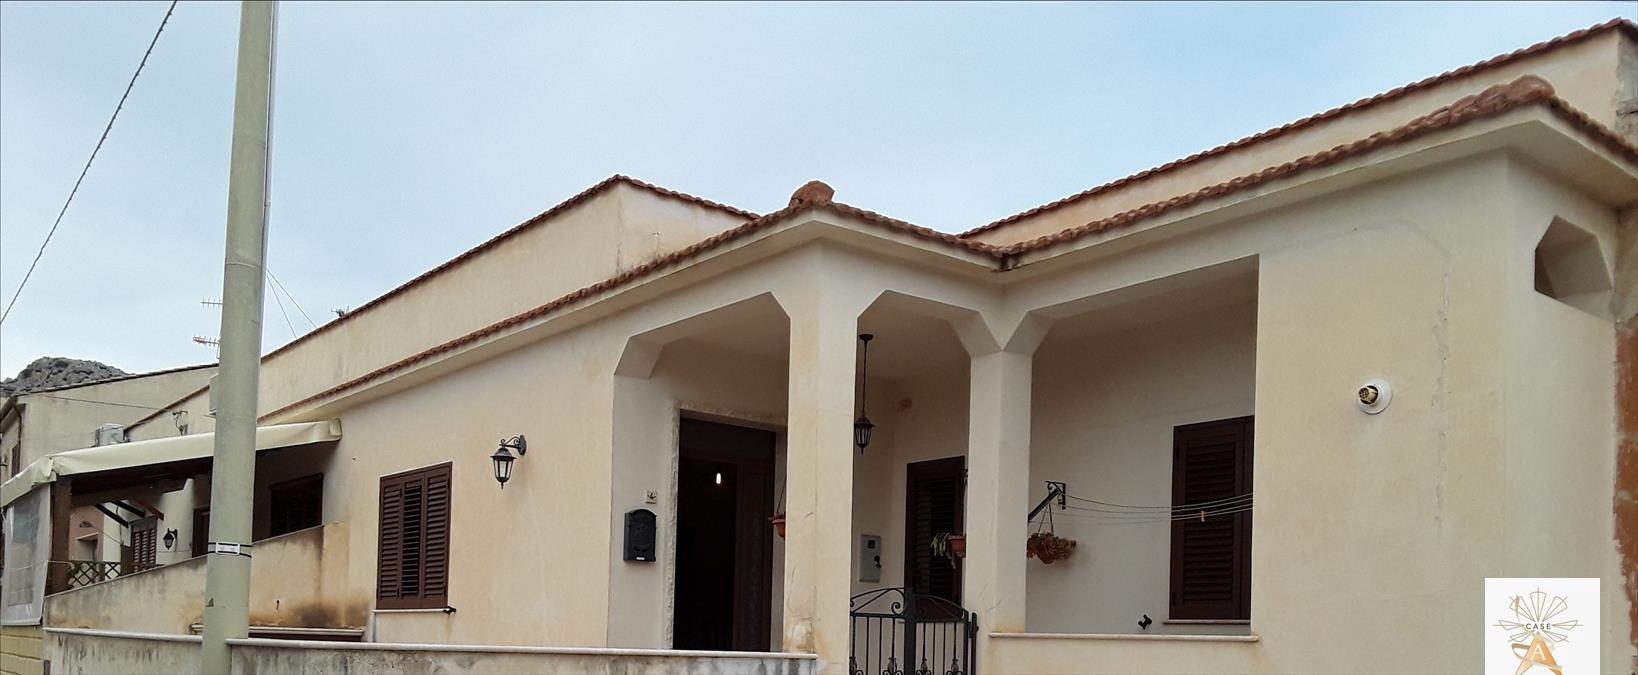 Soluzione Indipendente in vendita a Custonaci, 4 locali, prezzo € 169.000 | CambioCasa.it